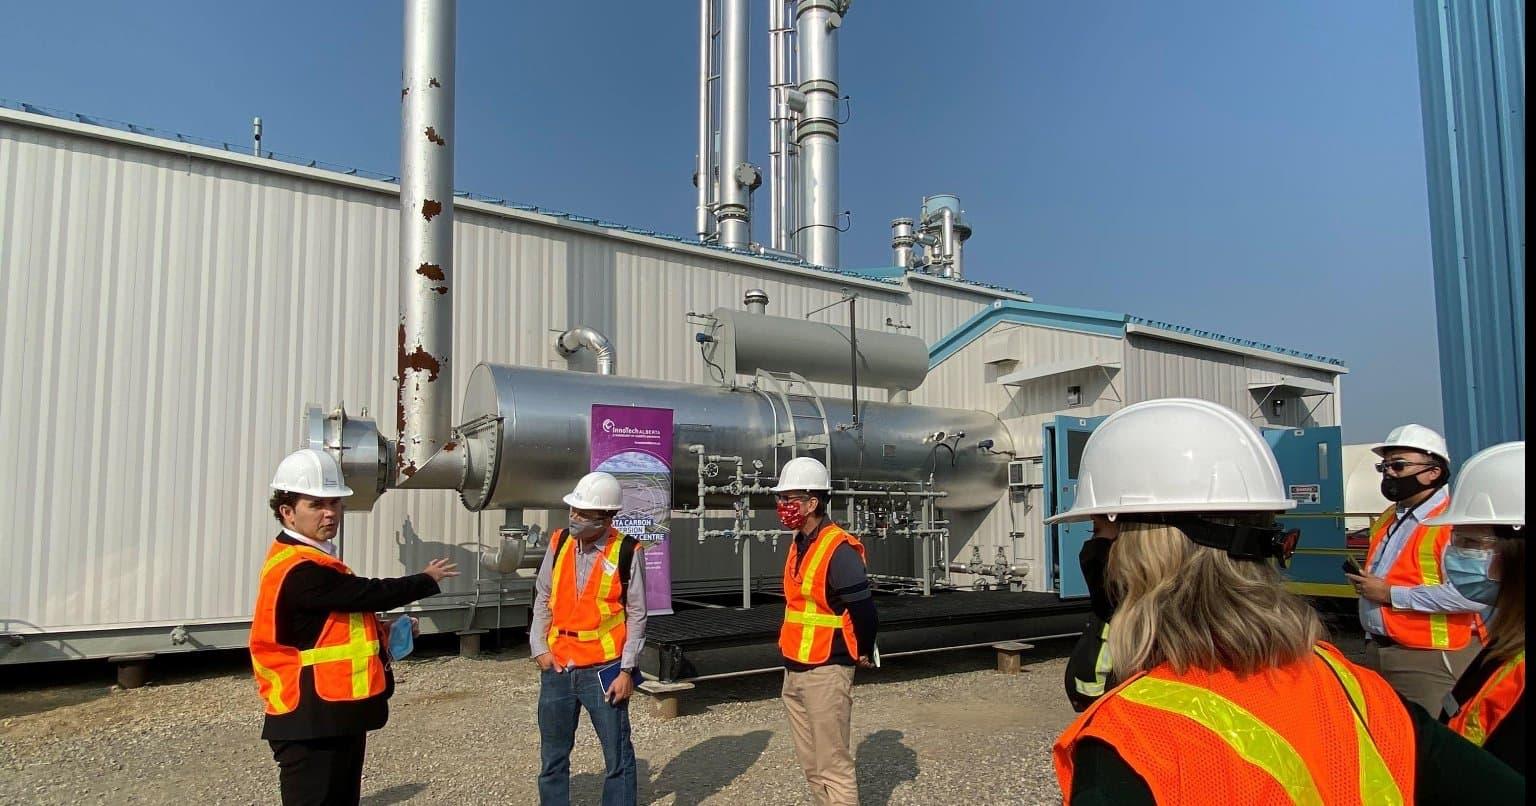 Plus tôt cet automne, les partenaires du Carbon XPRIZE et des invités ont visité l'ACCTC